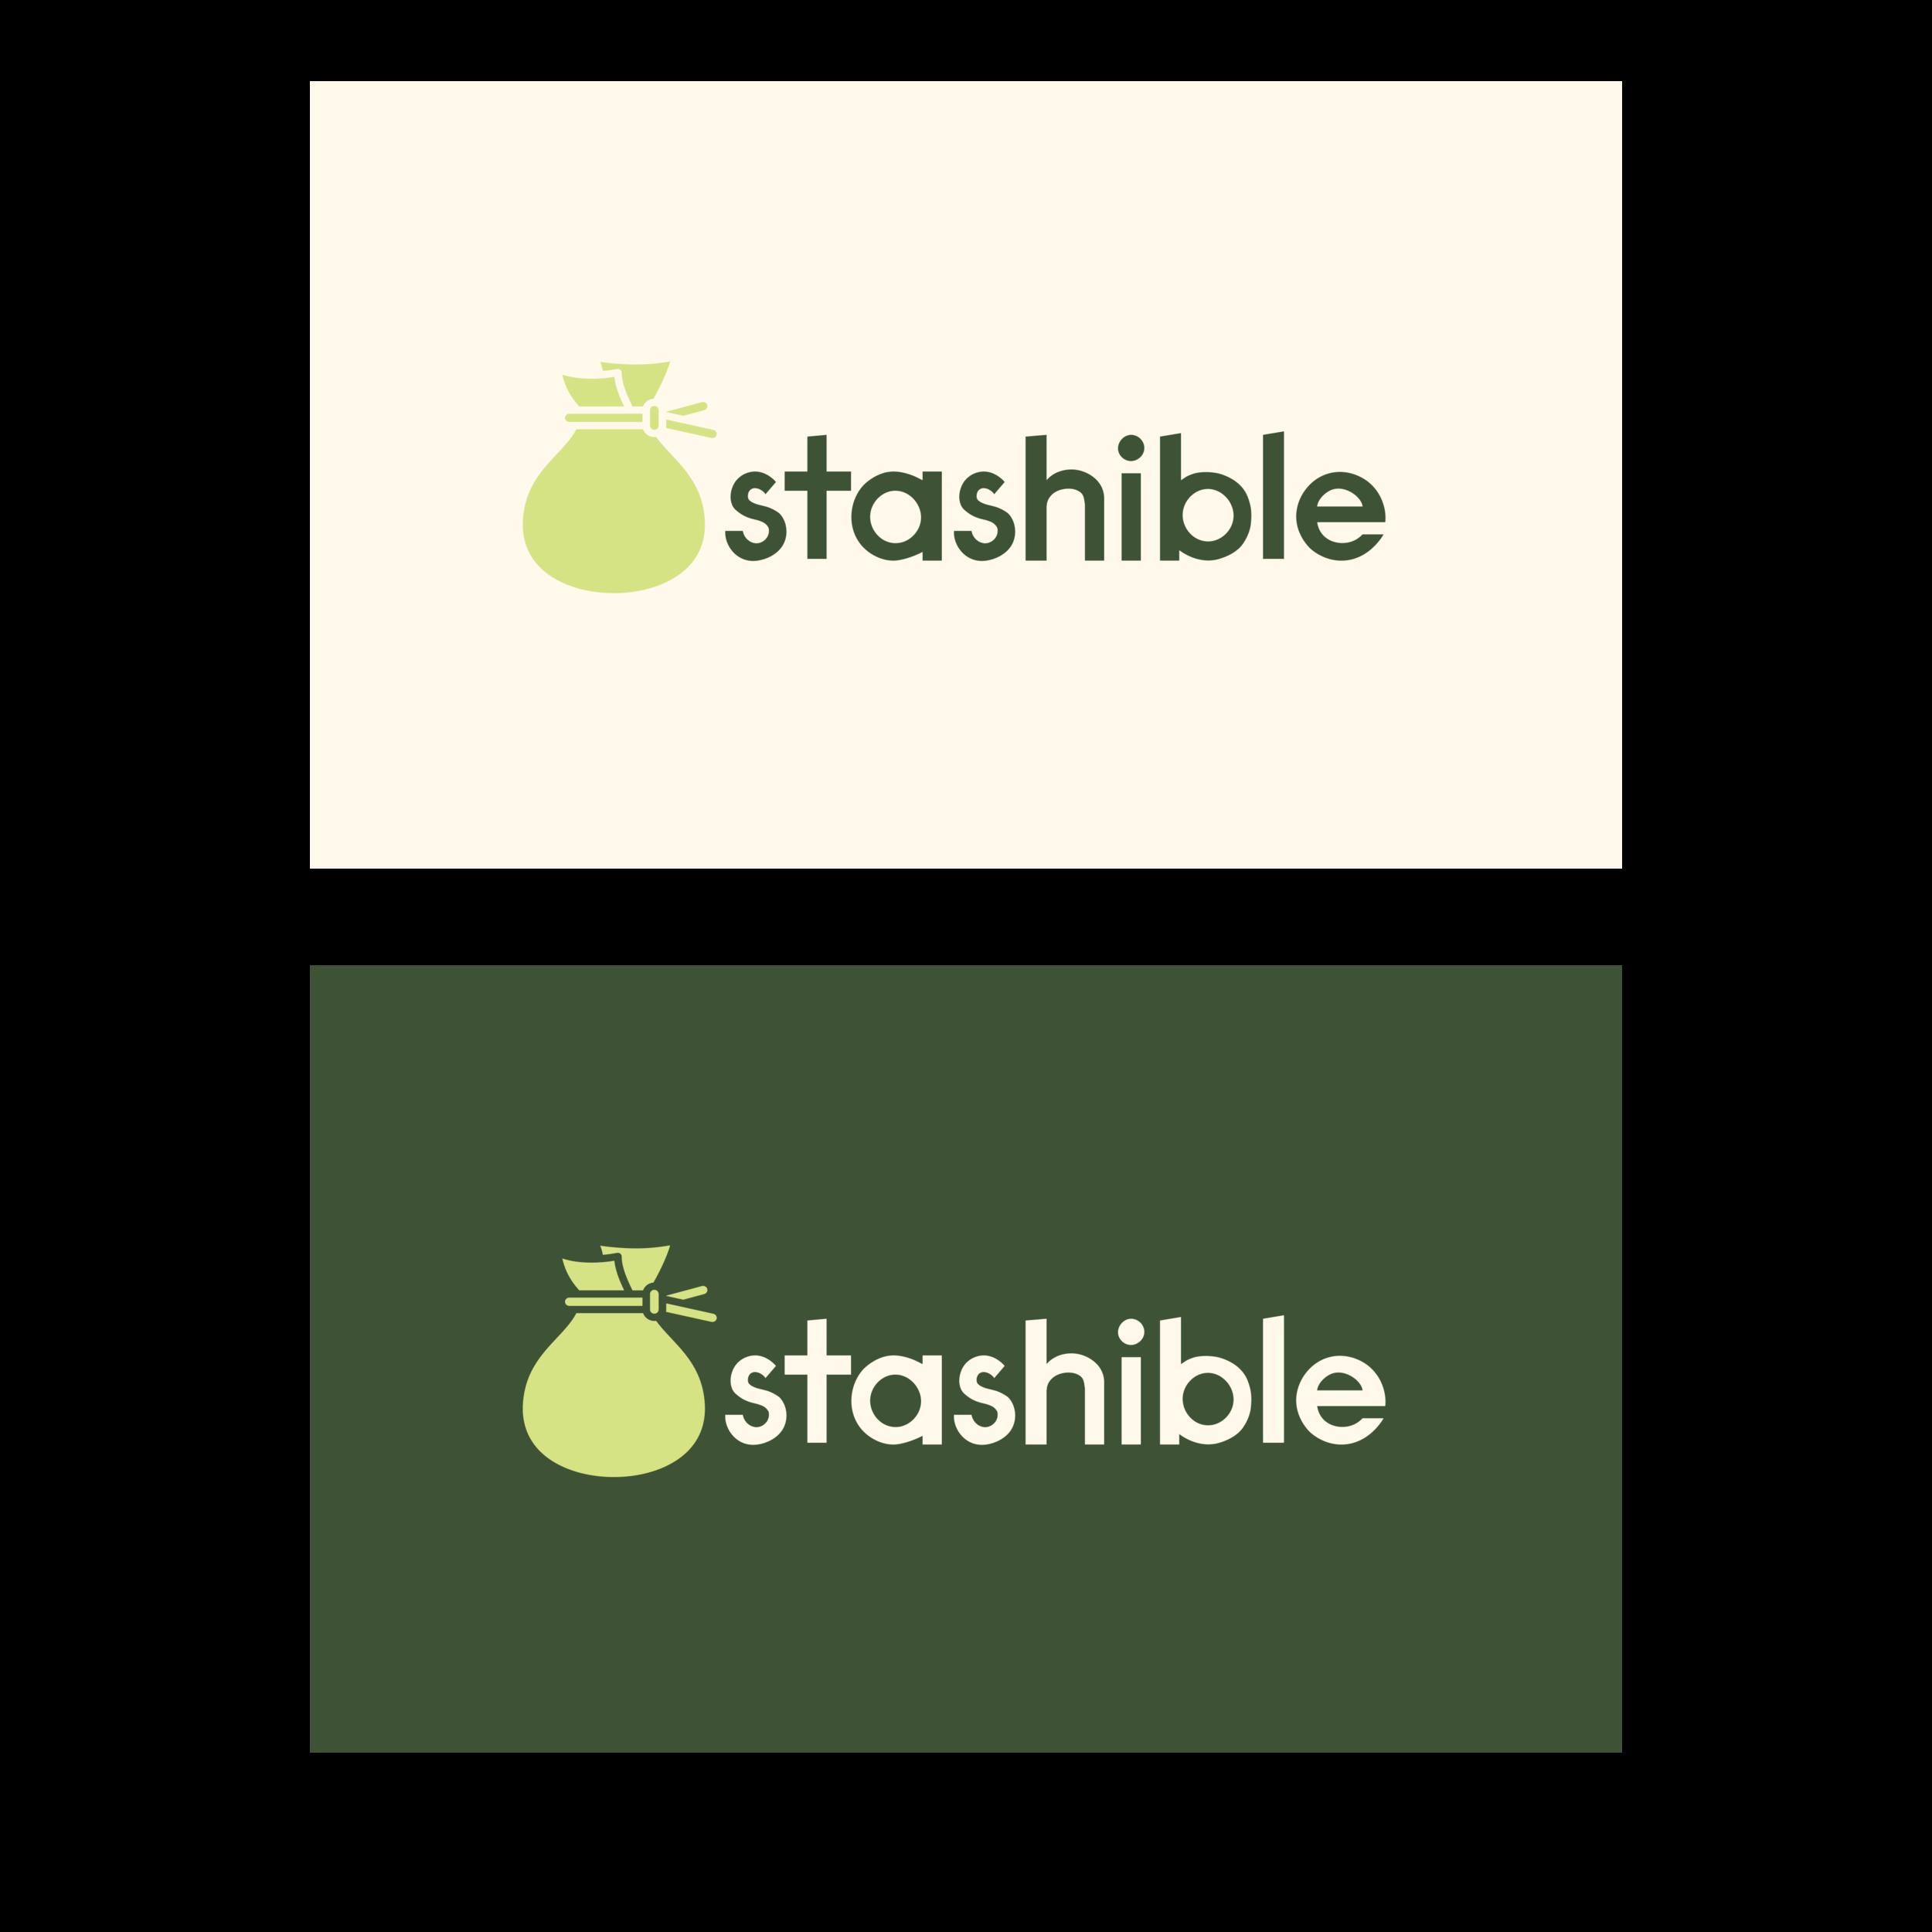 stashible logo redesign